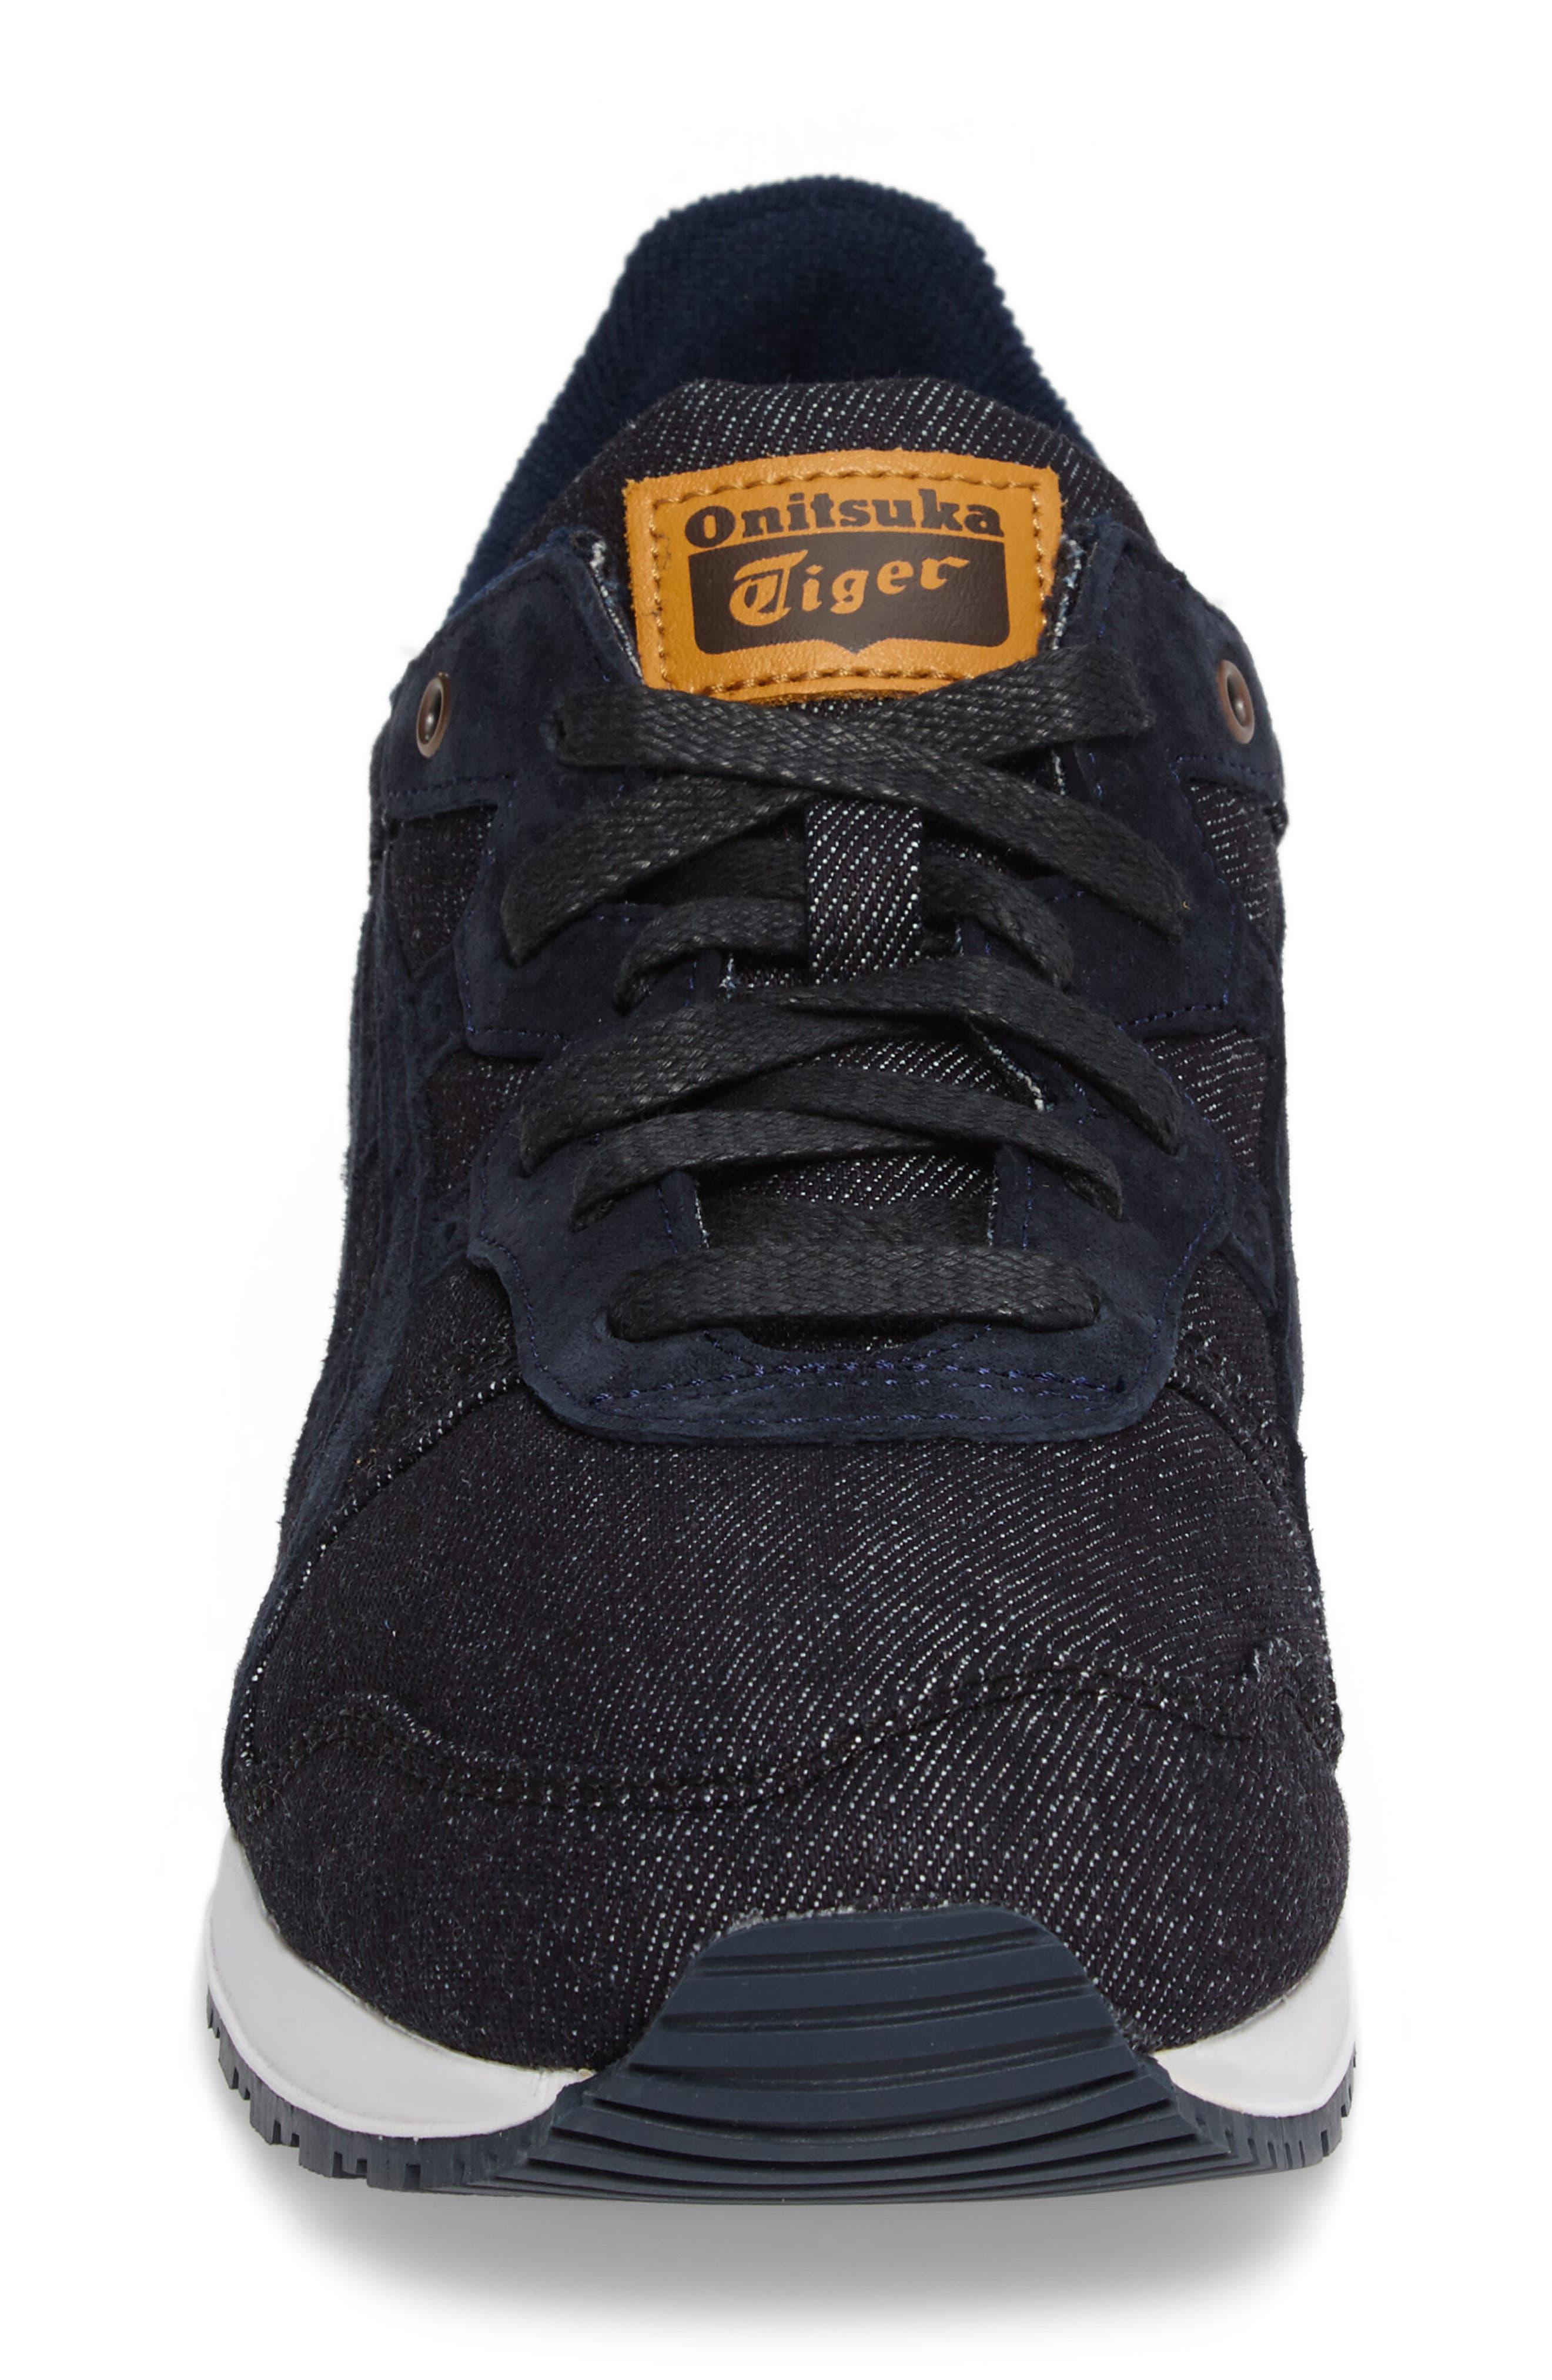 Onitsuka Tiger Ally Sneaker,                             Alternate thumbnail 4, color,                             Indigo Blue/ Indigo Blue